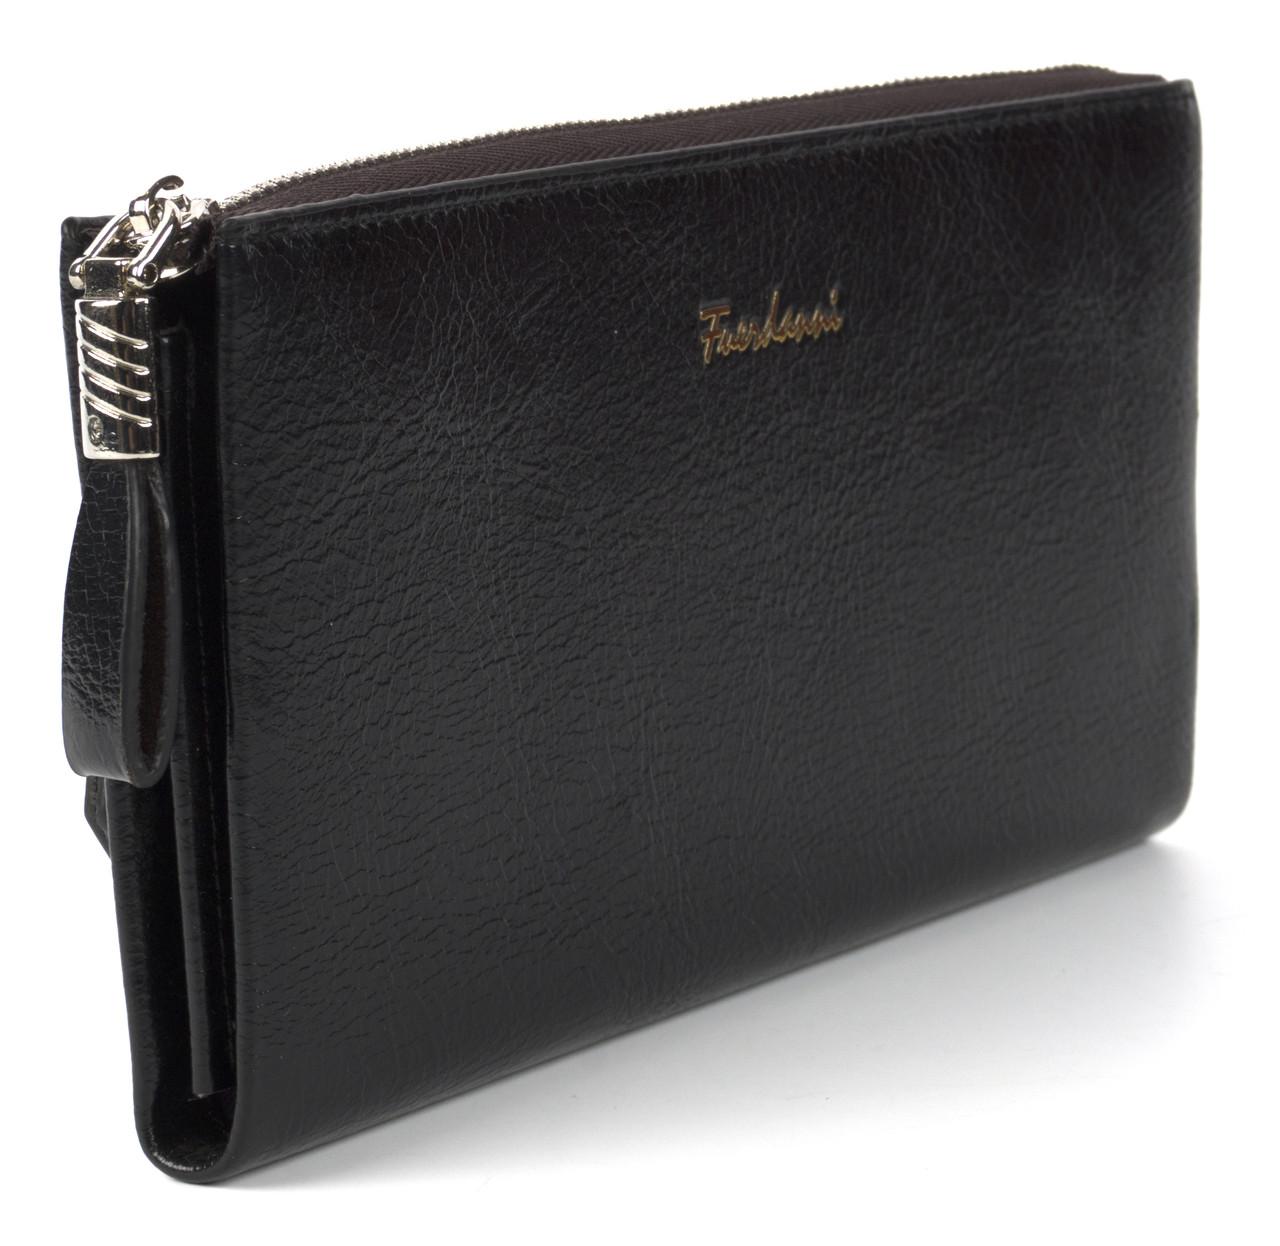 Стильный прочный удобный женский кошелек барсетка высокого качества FUERDANNI art. F 080-3 черный